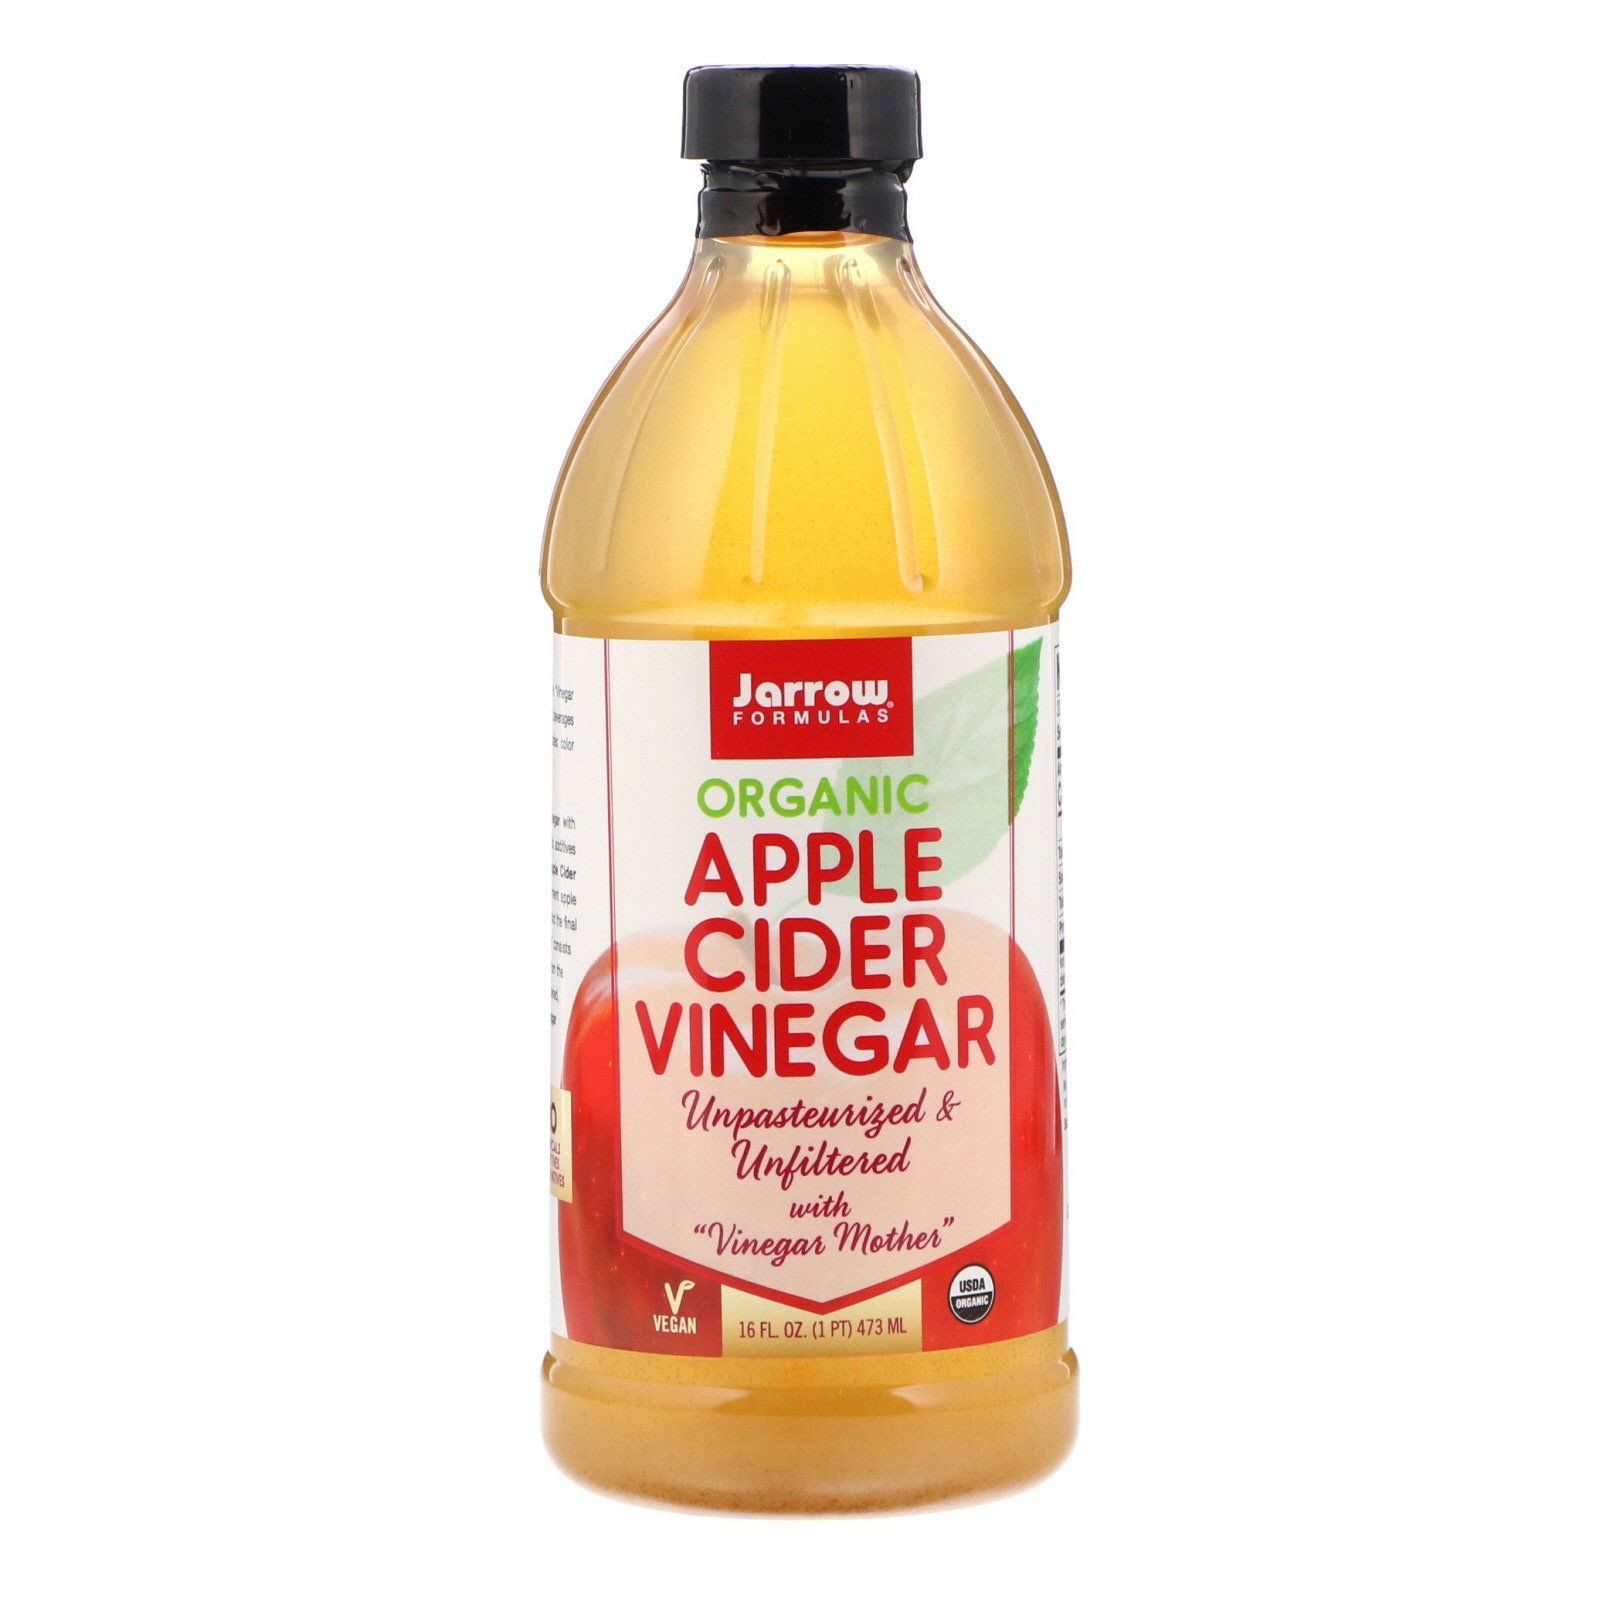 Jarrow Formulas خل عصير التفاح العضوي 16 أوقية سائلة 473 ملي Organic Apple Cider Organic Apple Cider Vinegar Apple Cider Vinegar